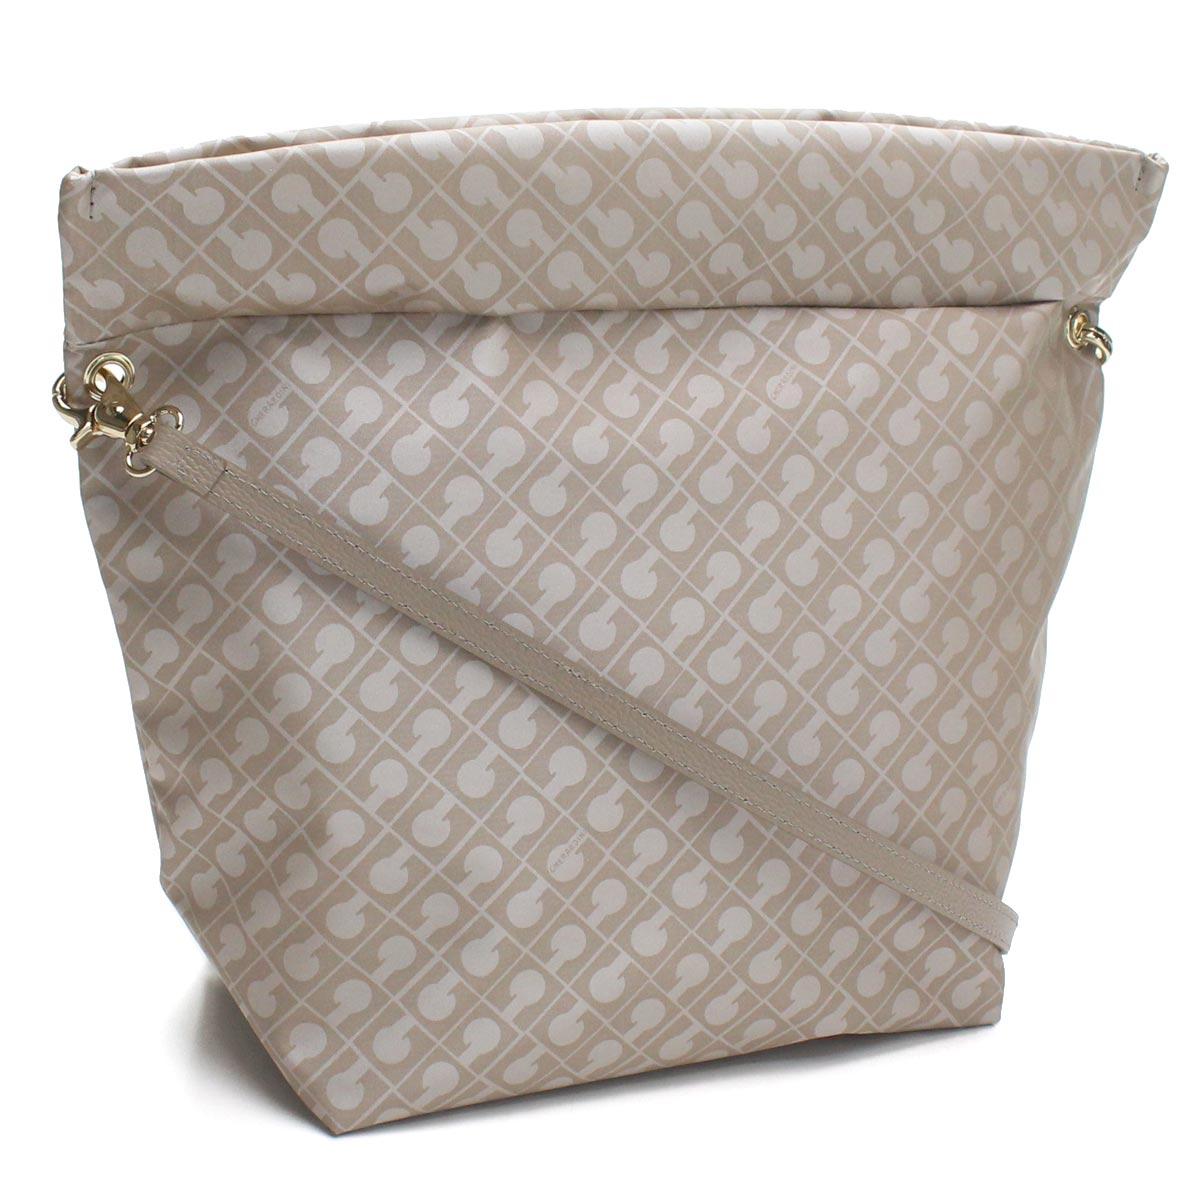 8163ffdb2956 Bighit The total brand wholesale  Take ゲラルディーニ GHERARDINI SOFTY BASICO  slant  shoulder bag GH0311 SOFTY 133 CRETA beige system